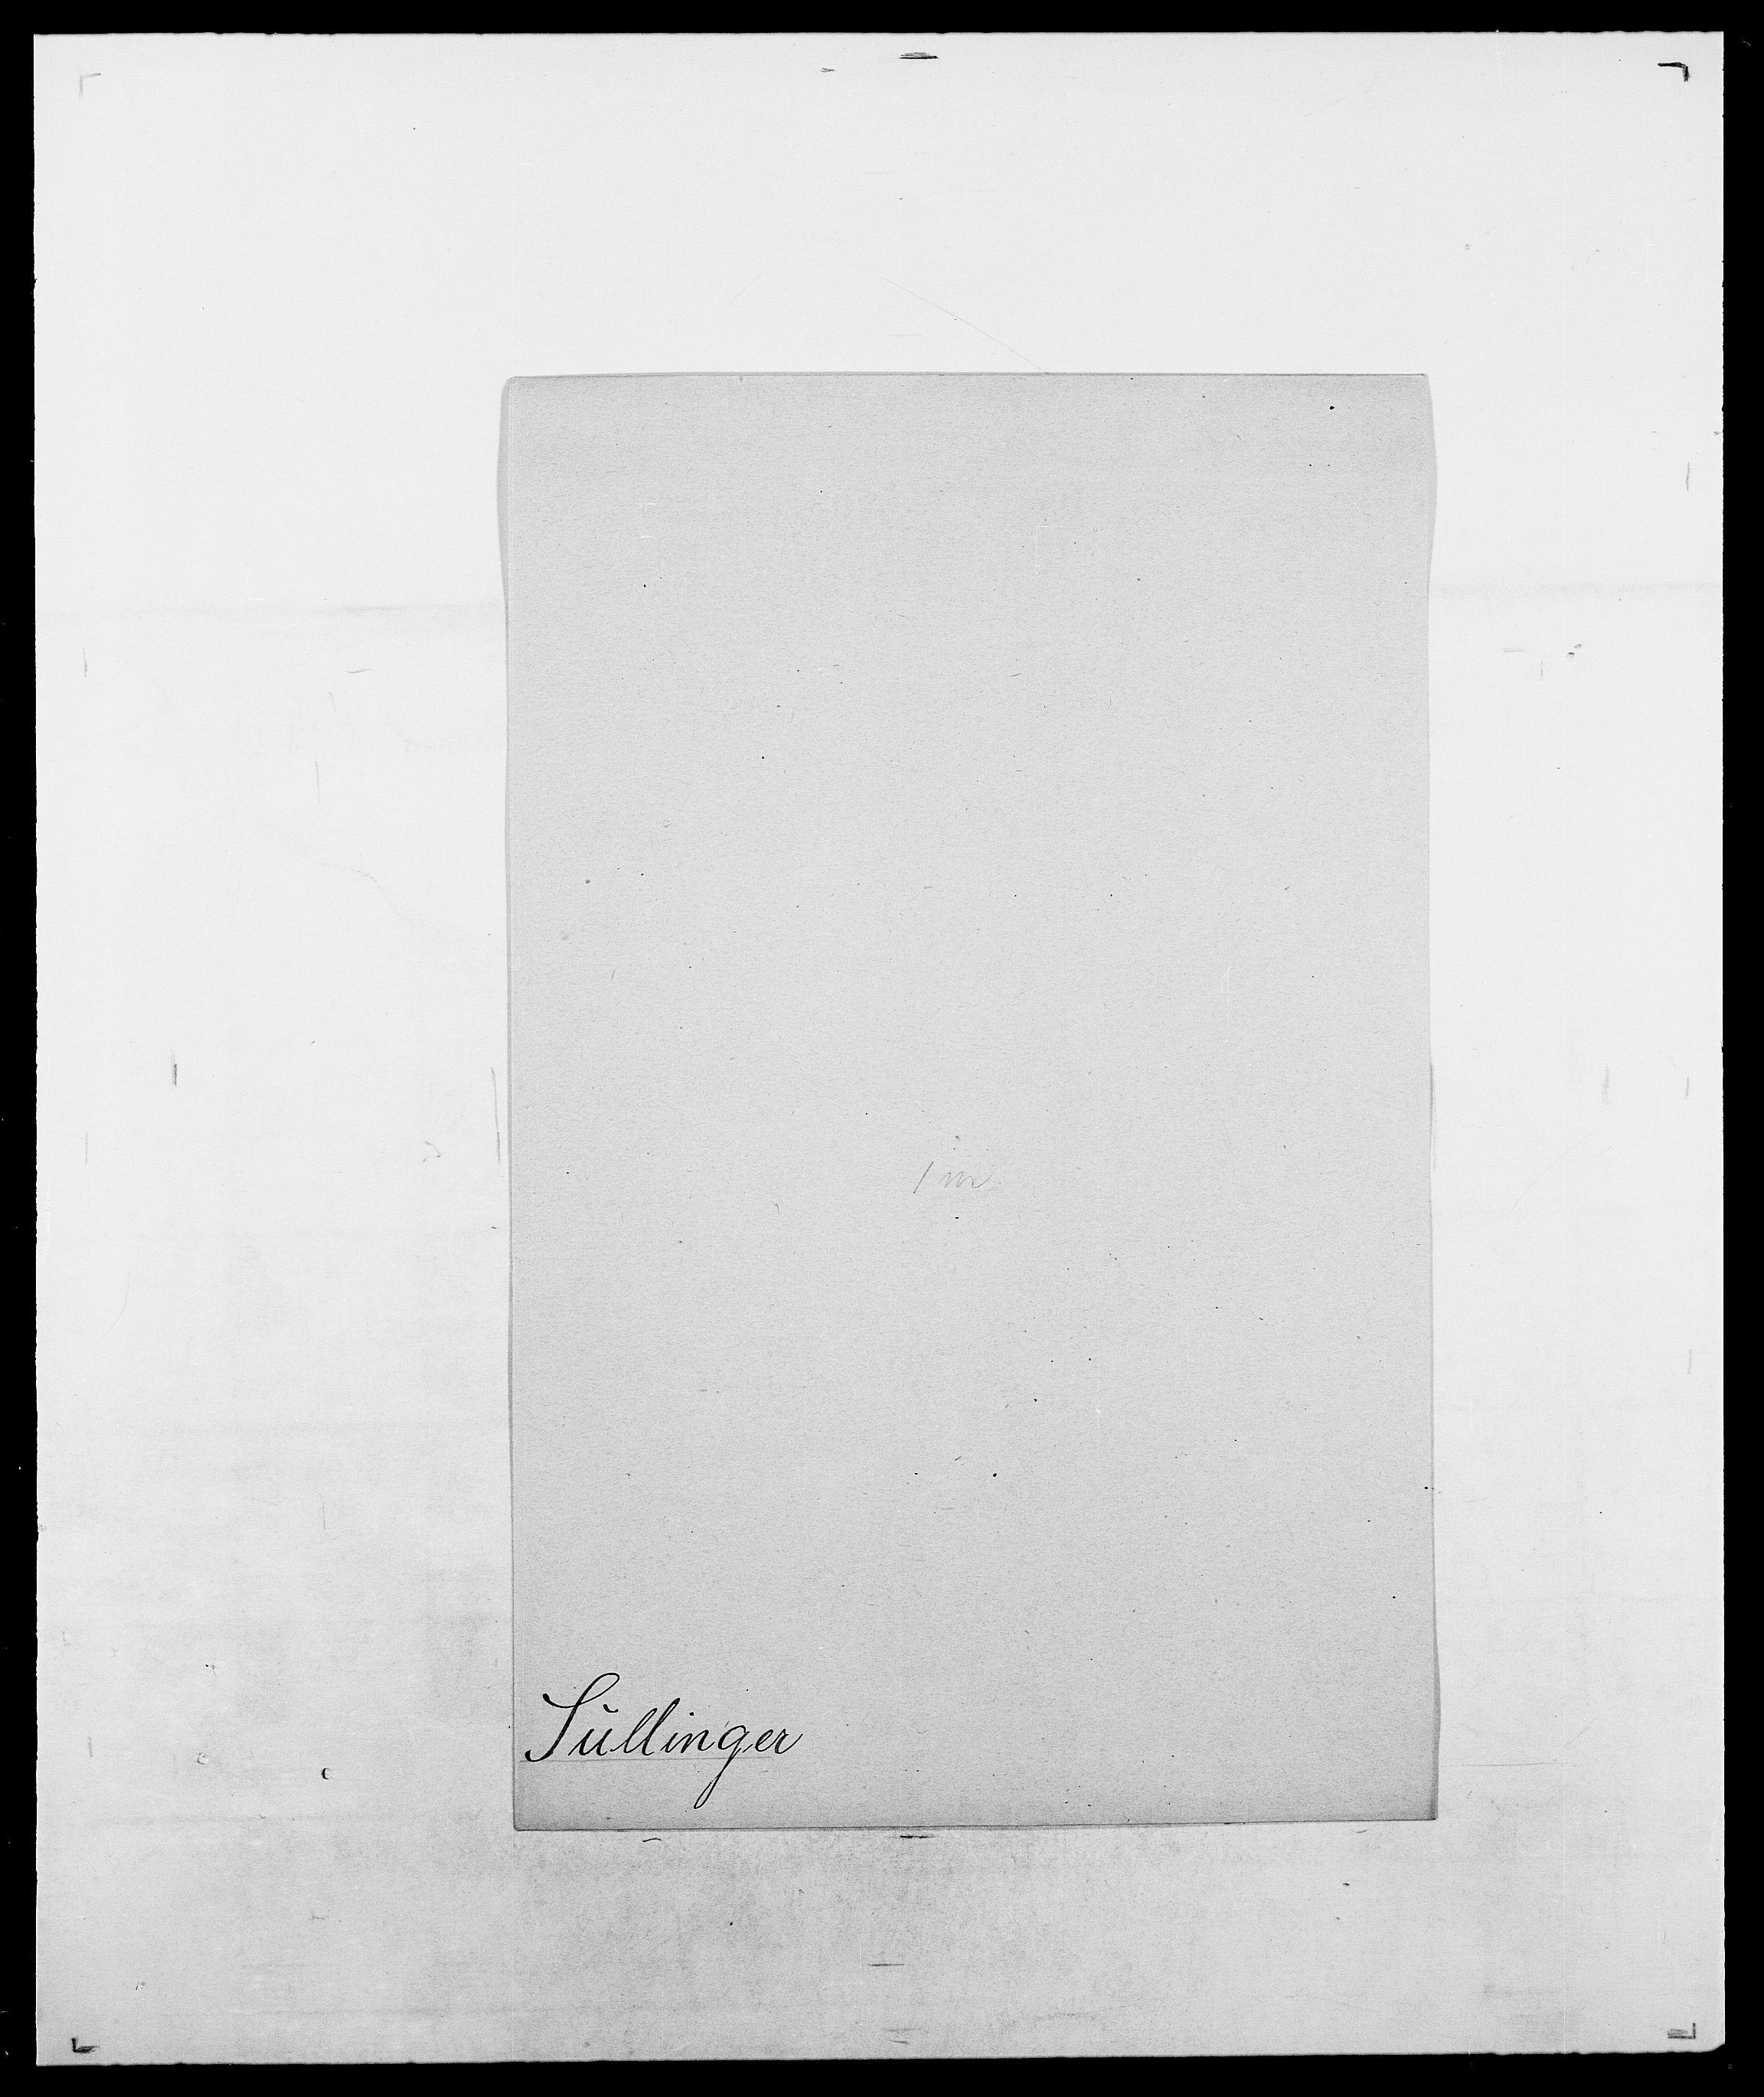 SAO, Delgobe, Charles Antoine - samling, D/Da/L0037: Steen, Sthen, Stein - Svare, Svanige, Svanne, se også Svanning og Schwane, s. 897